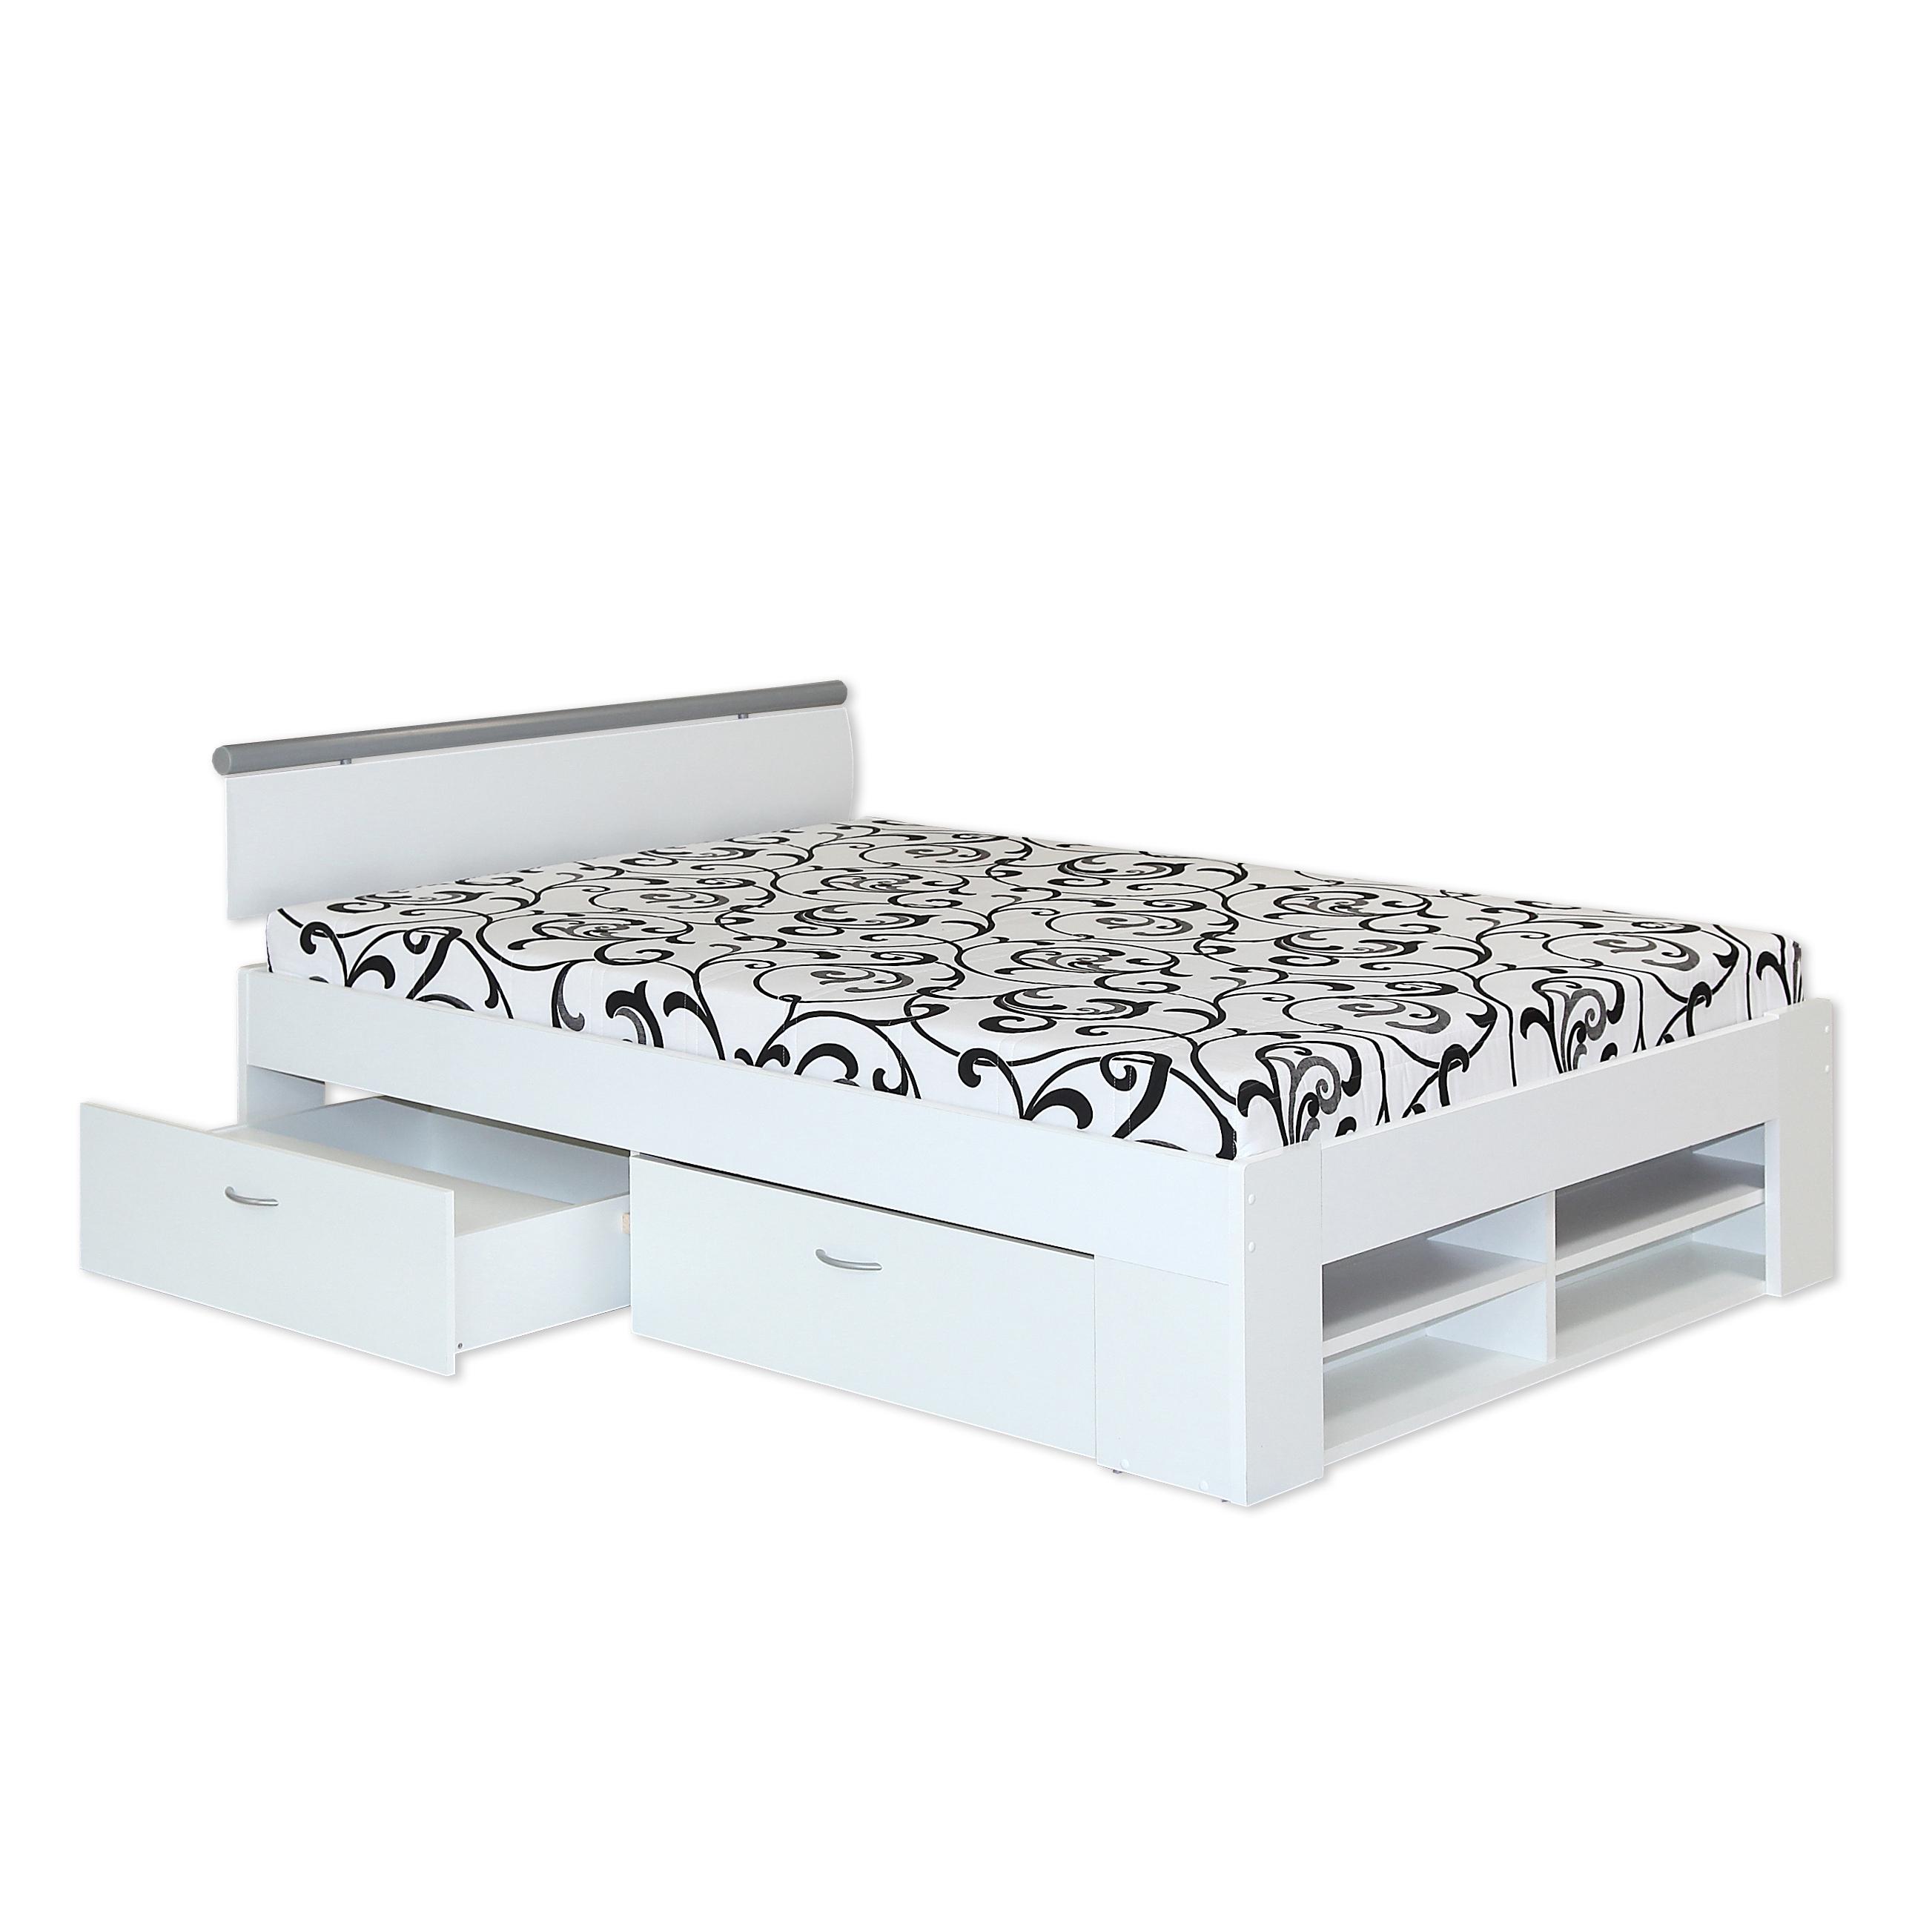 Bett 120x200 Weiss Mit Schubladen 10 Deutsche Dekor 2019